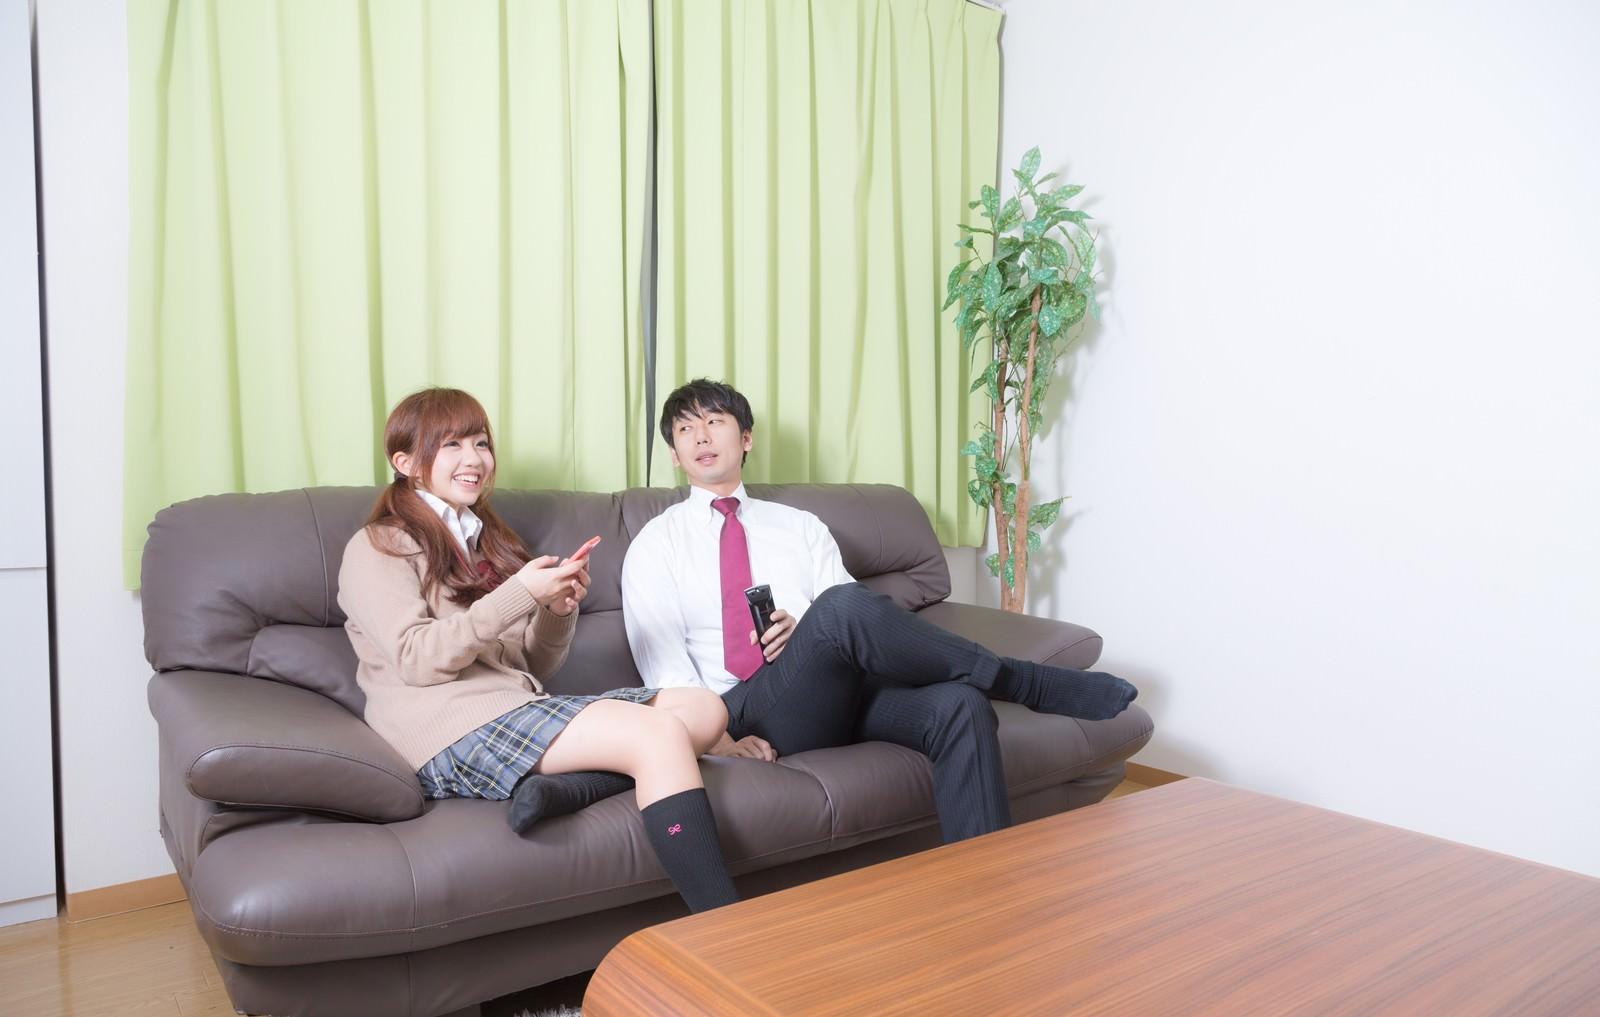 「年上の彼氏の家でくつろぐおませさん」の写真[モデル:河村友歌 大川竜弥]